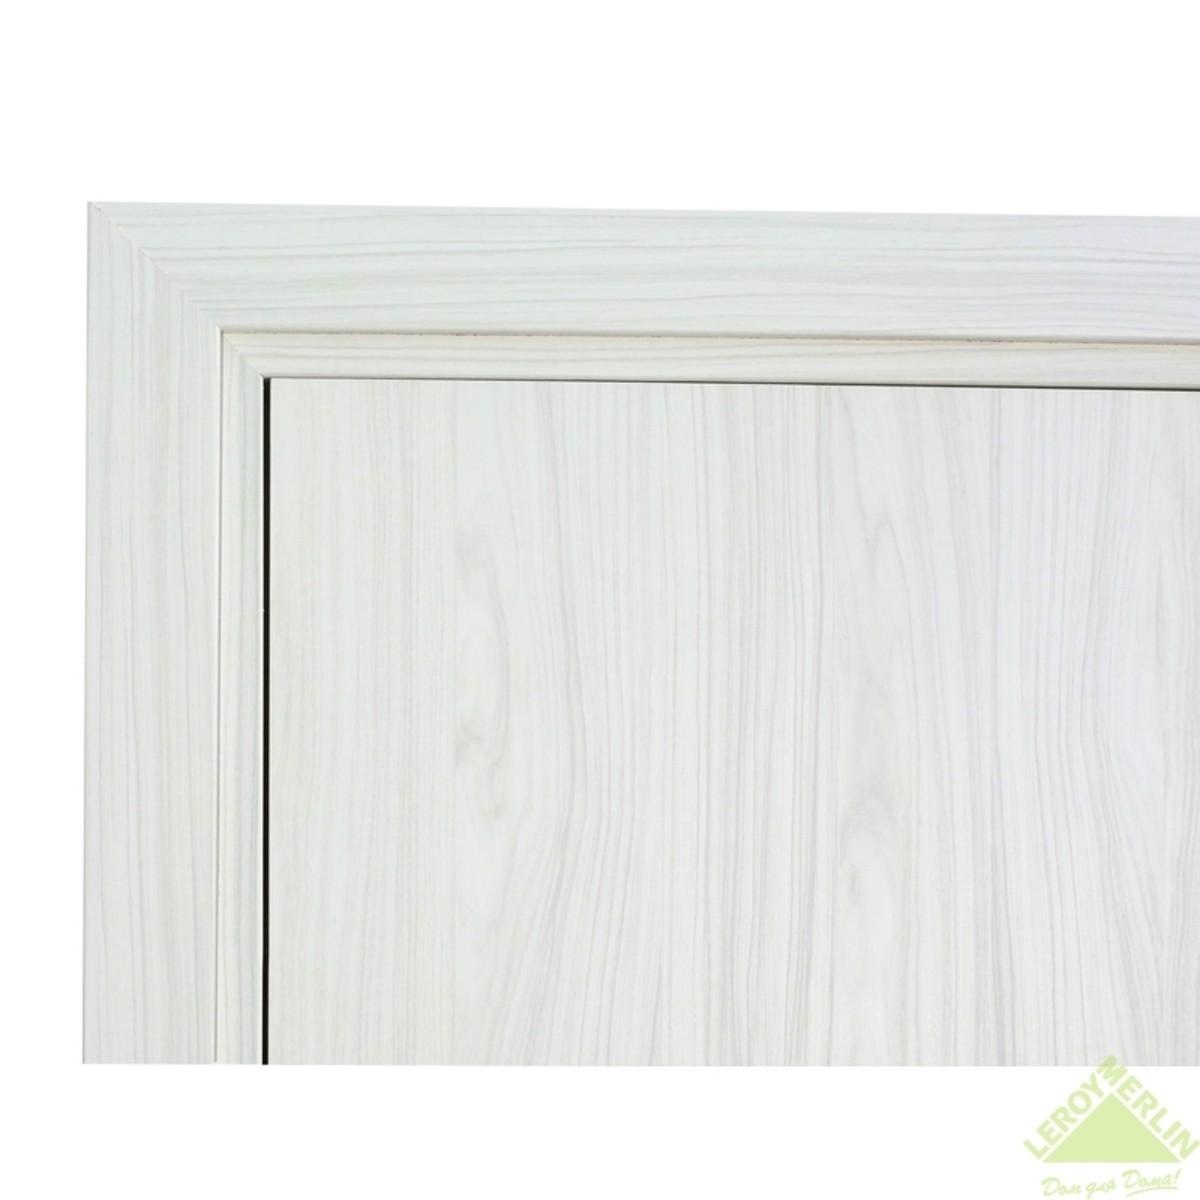 Дверь Межкомнатная Глухая Фортунато 800 800x2000 Снежный Палисандр